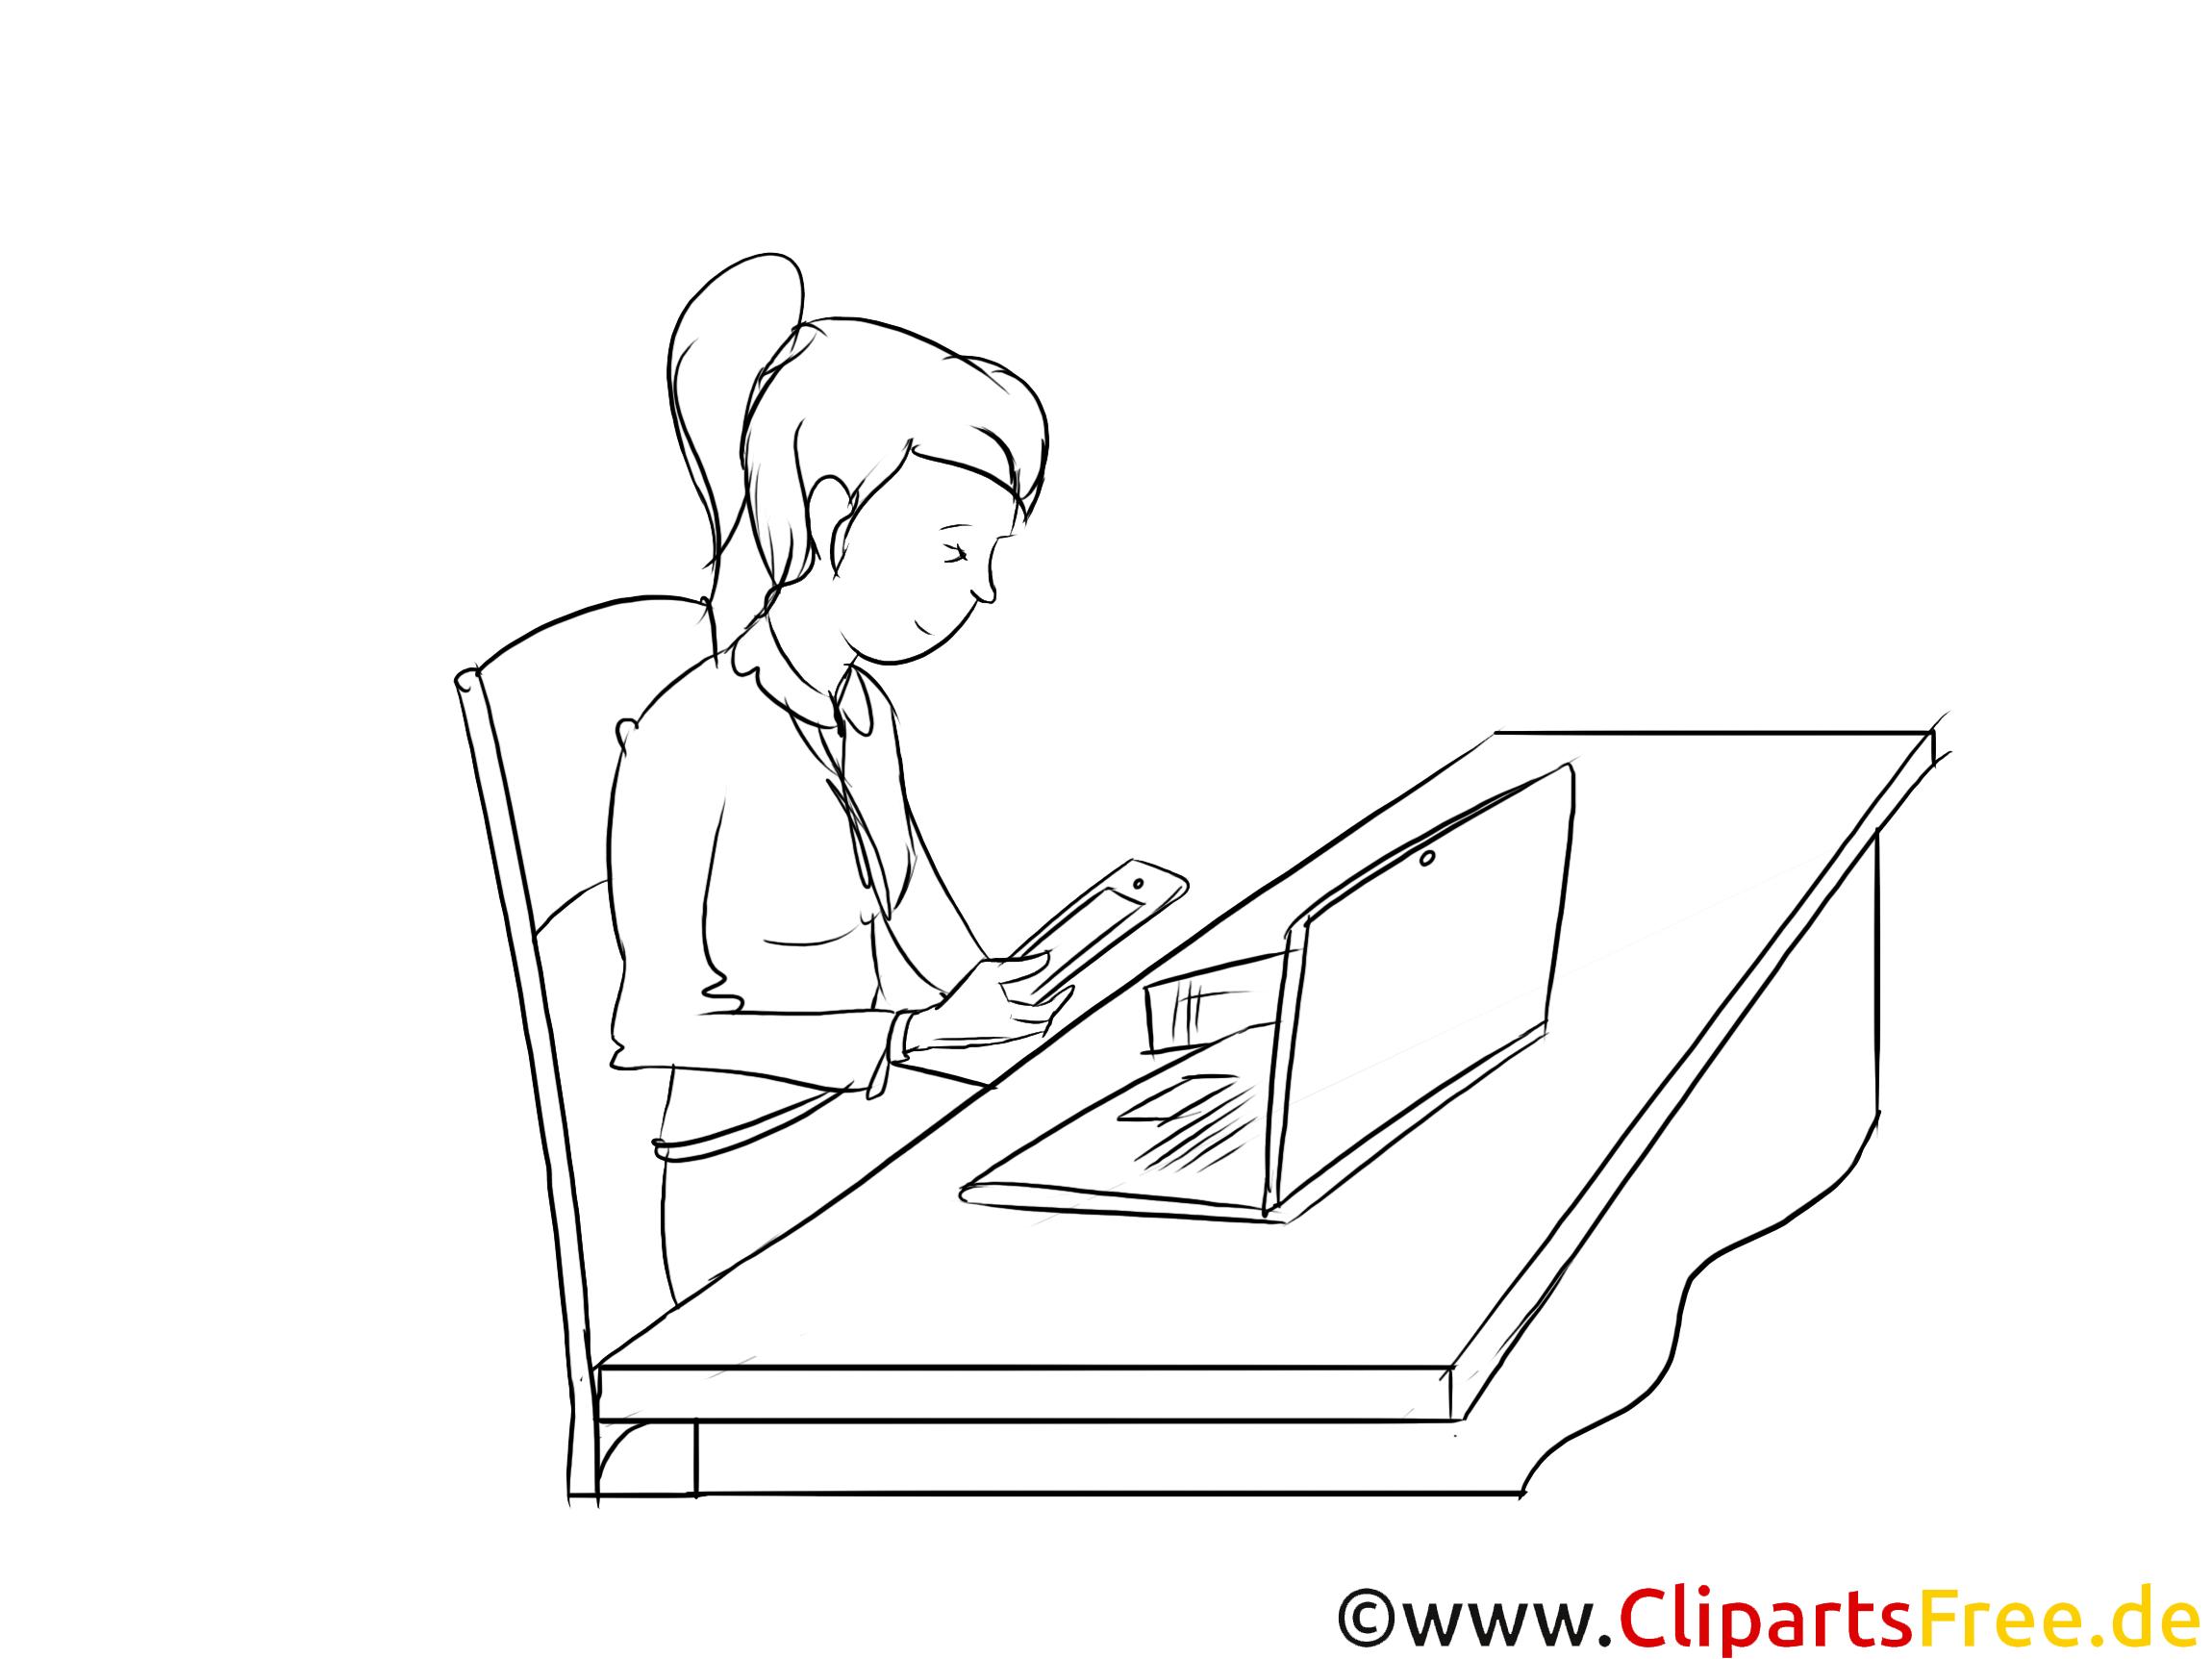 Kaufmann für Marketingkommunikation Clipart, Grafik, Bild schwarz-weiß